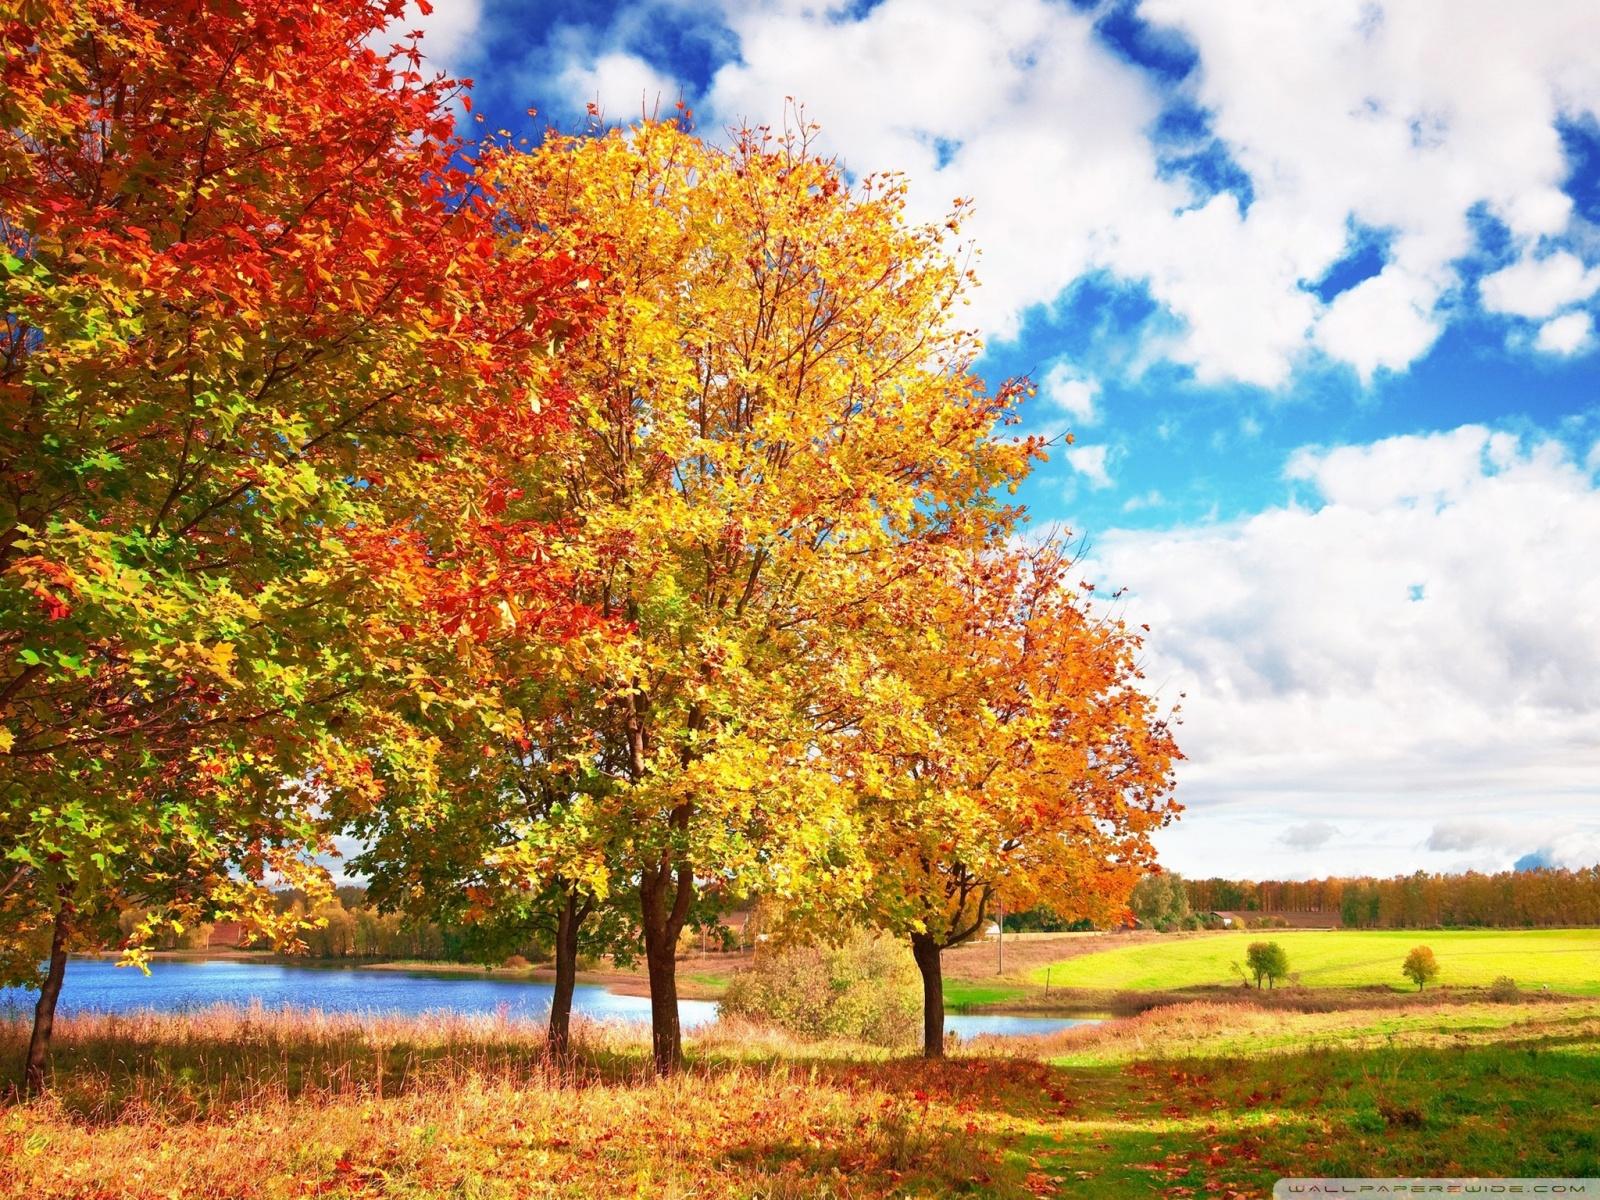 осень, небо, облака, скачать фото, осенние деревья, лес скачать фото, обои для рабочего стола